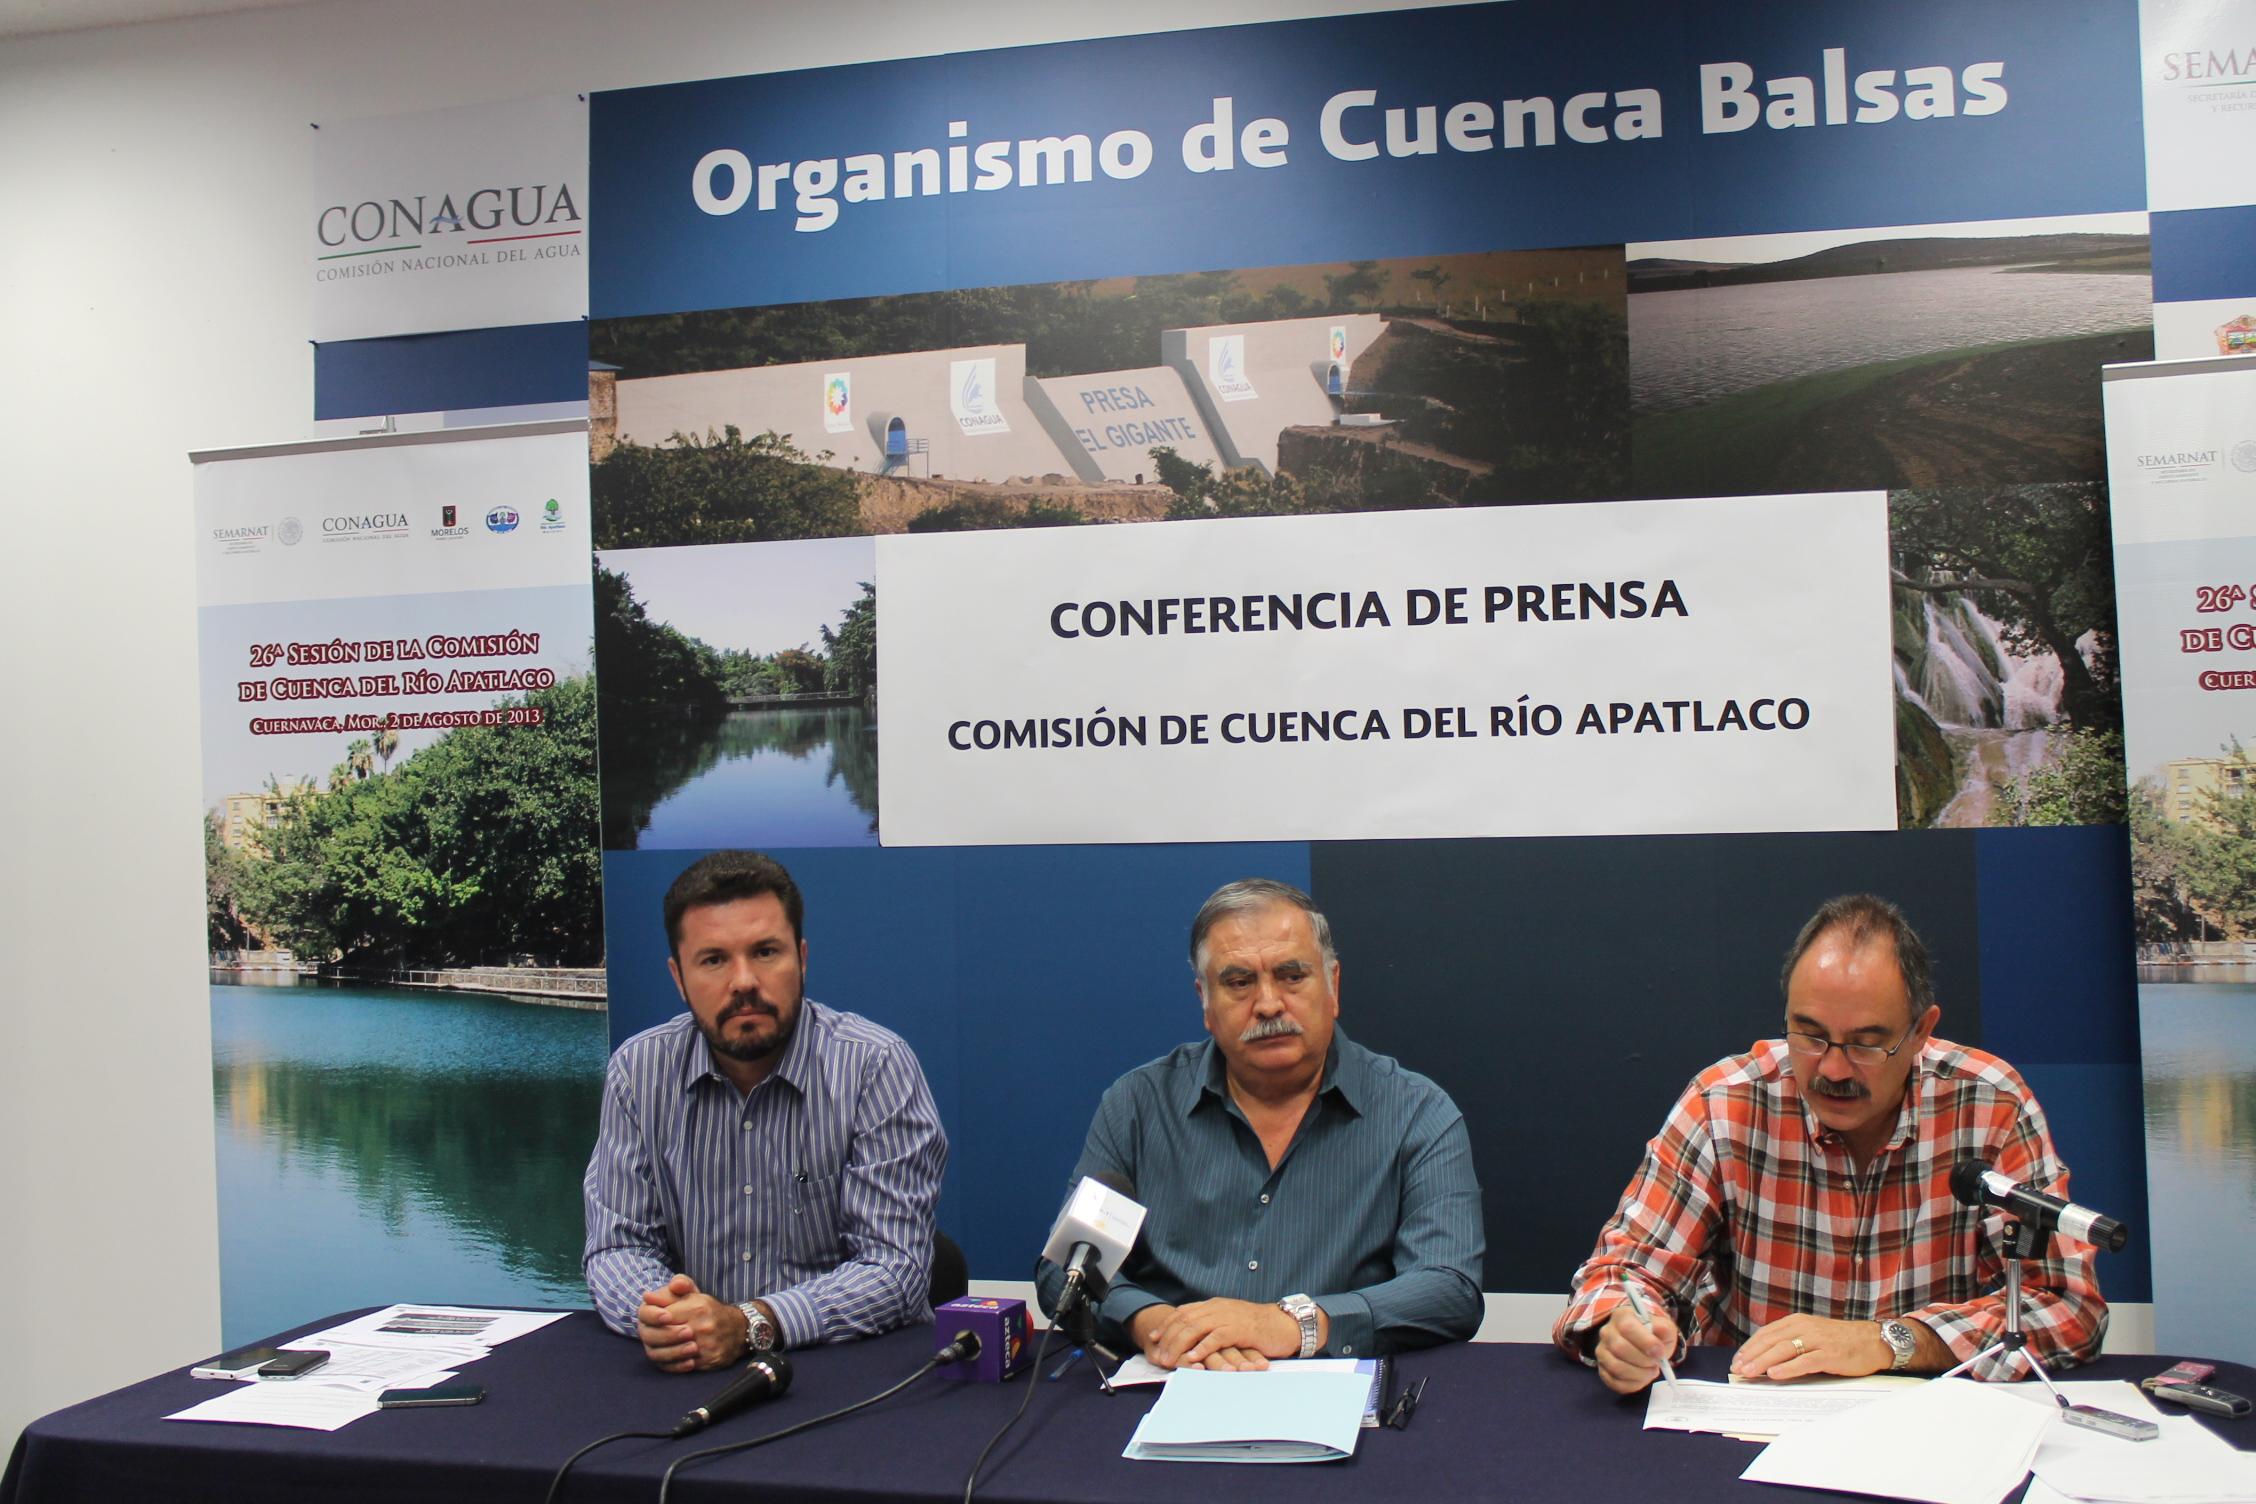 IFG_RUEDA DE PRENSA CCRA_ 070813 (11)